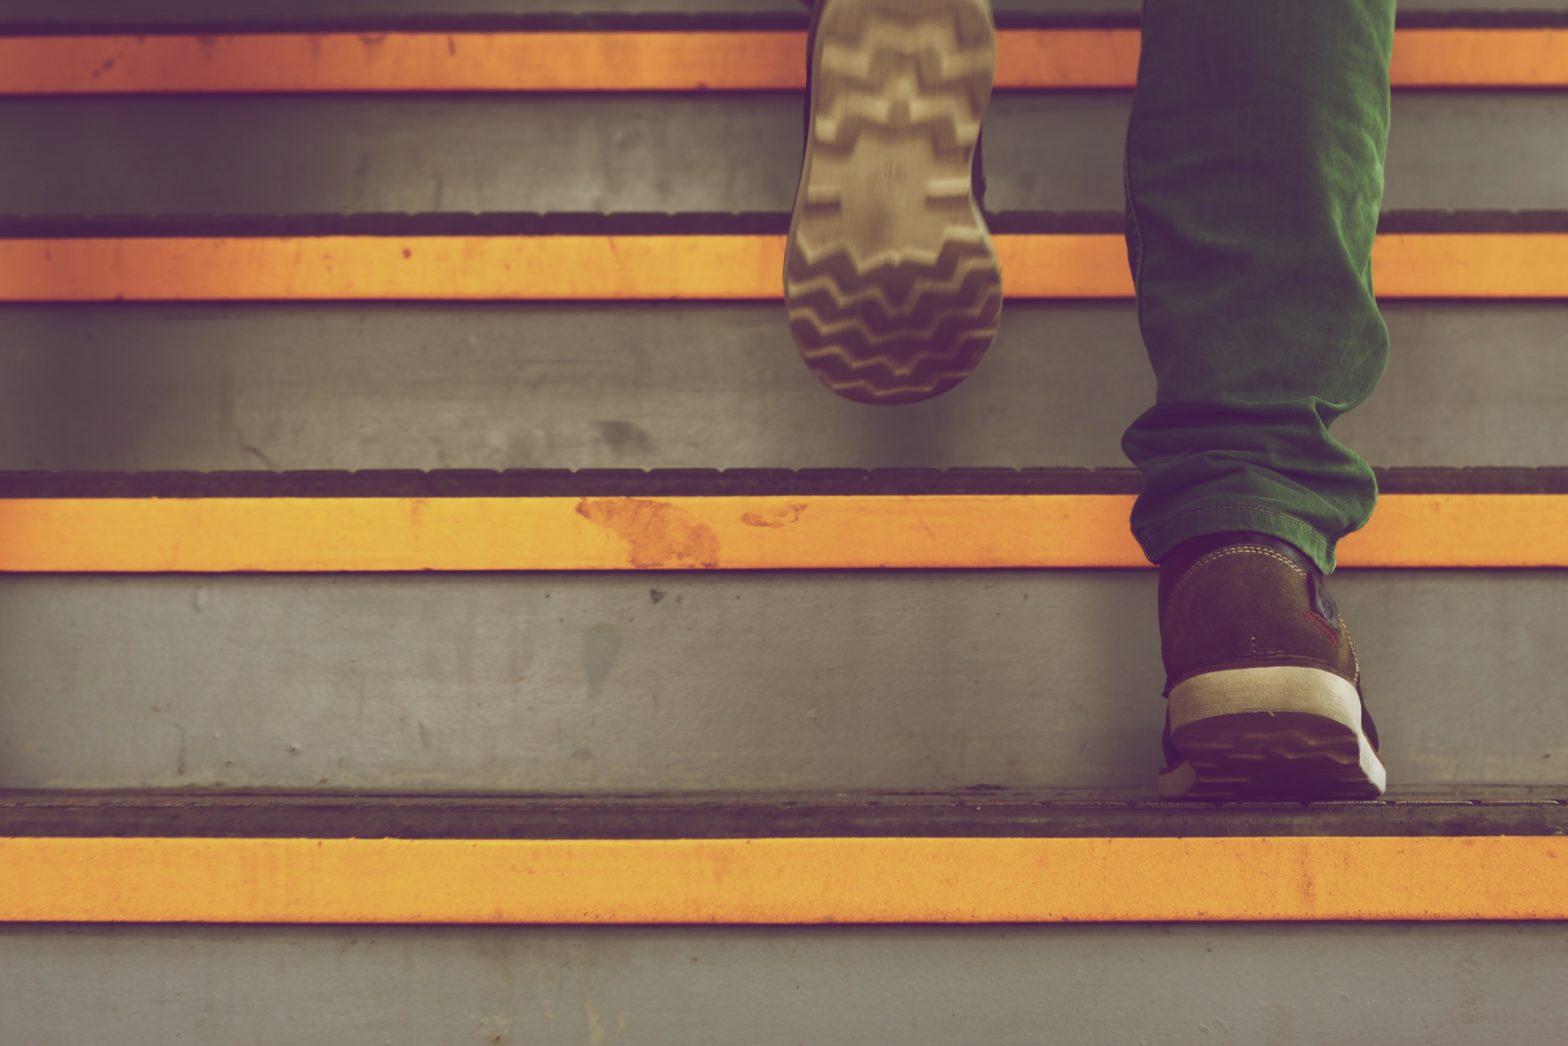 pied d'une personne qui monte les escaliers rapidement